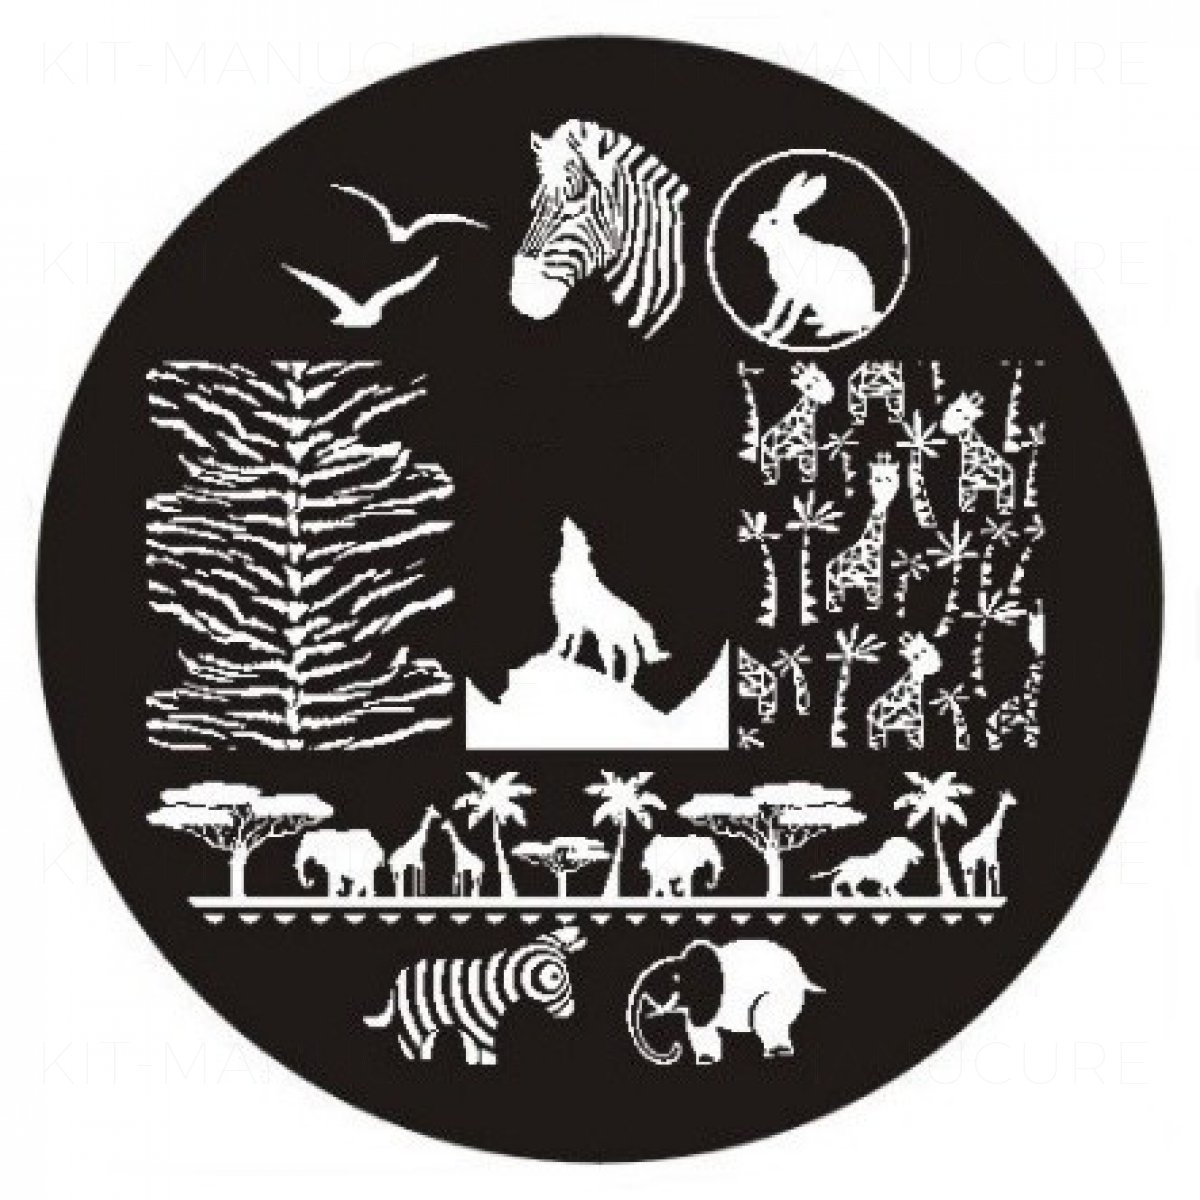 https://www.kit-manucure.com/1796-thickbox_default/plaque-de-stamping-zèbre-éléphant-loup-lapin-et-girafes.jpg